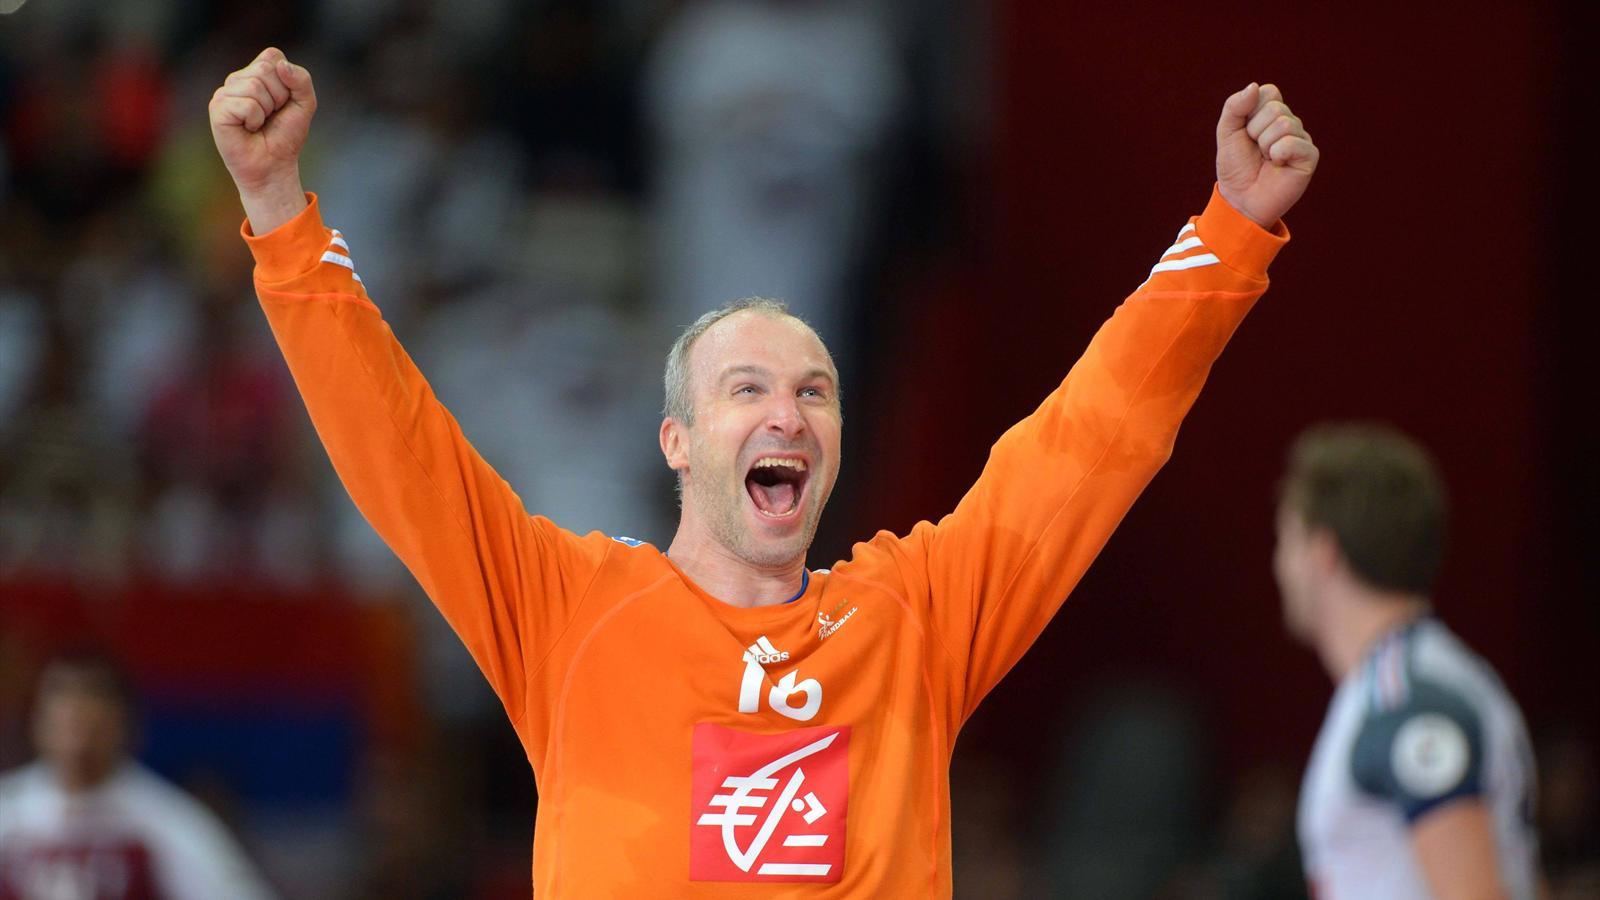 Mondial 2015 thierry omeyer la victoire dans la peau championnat du monde 2015 handball - Coupe du monde 2015 handball ...